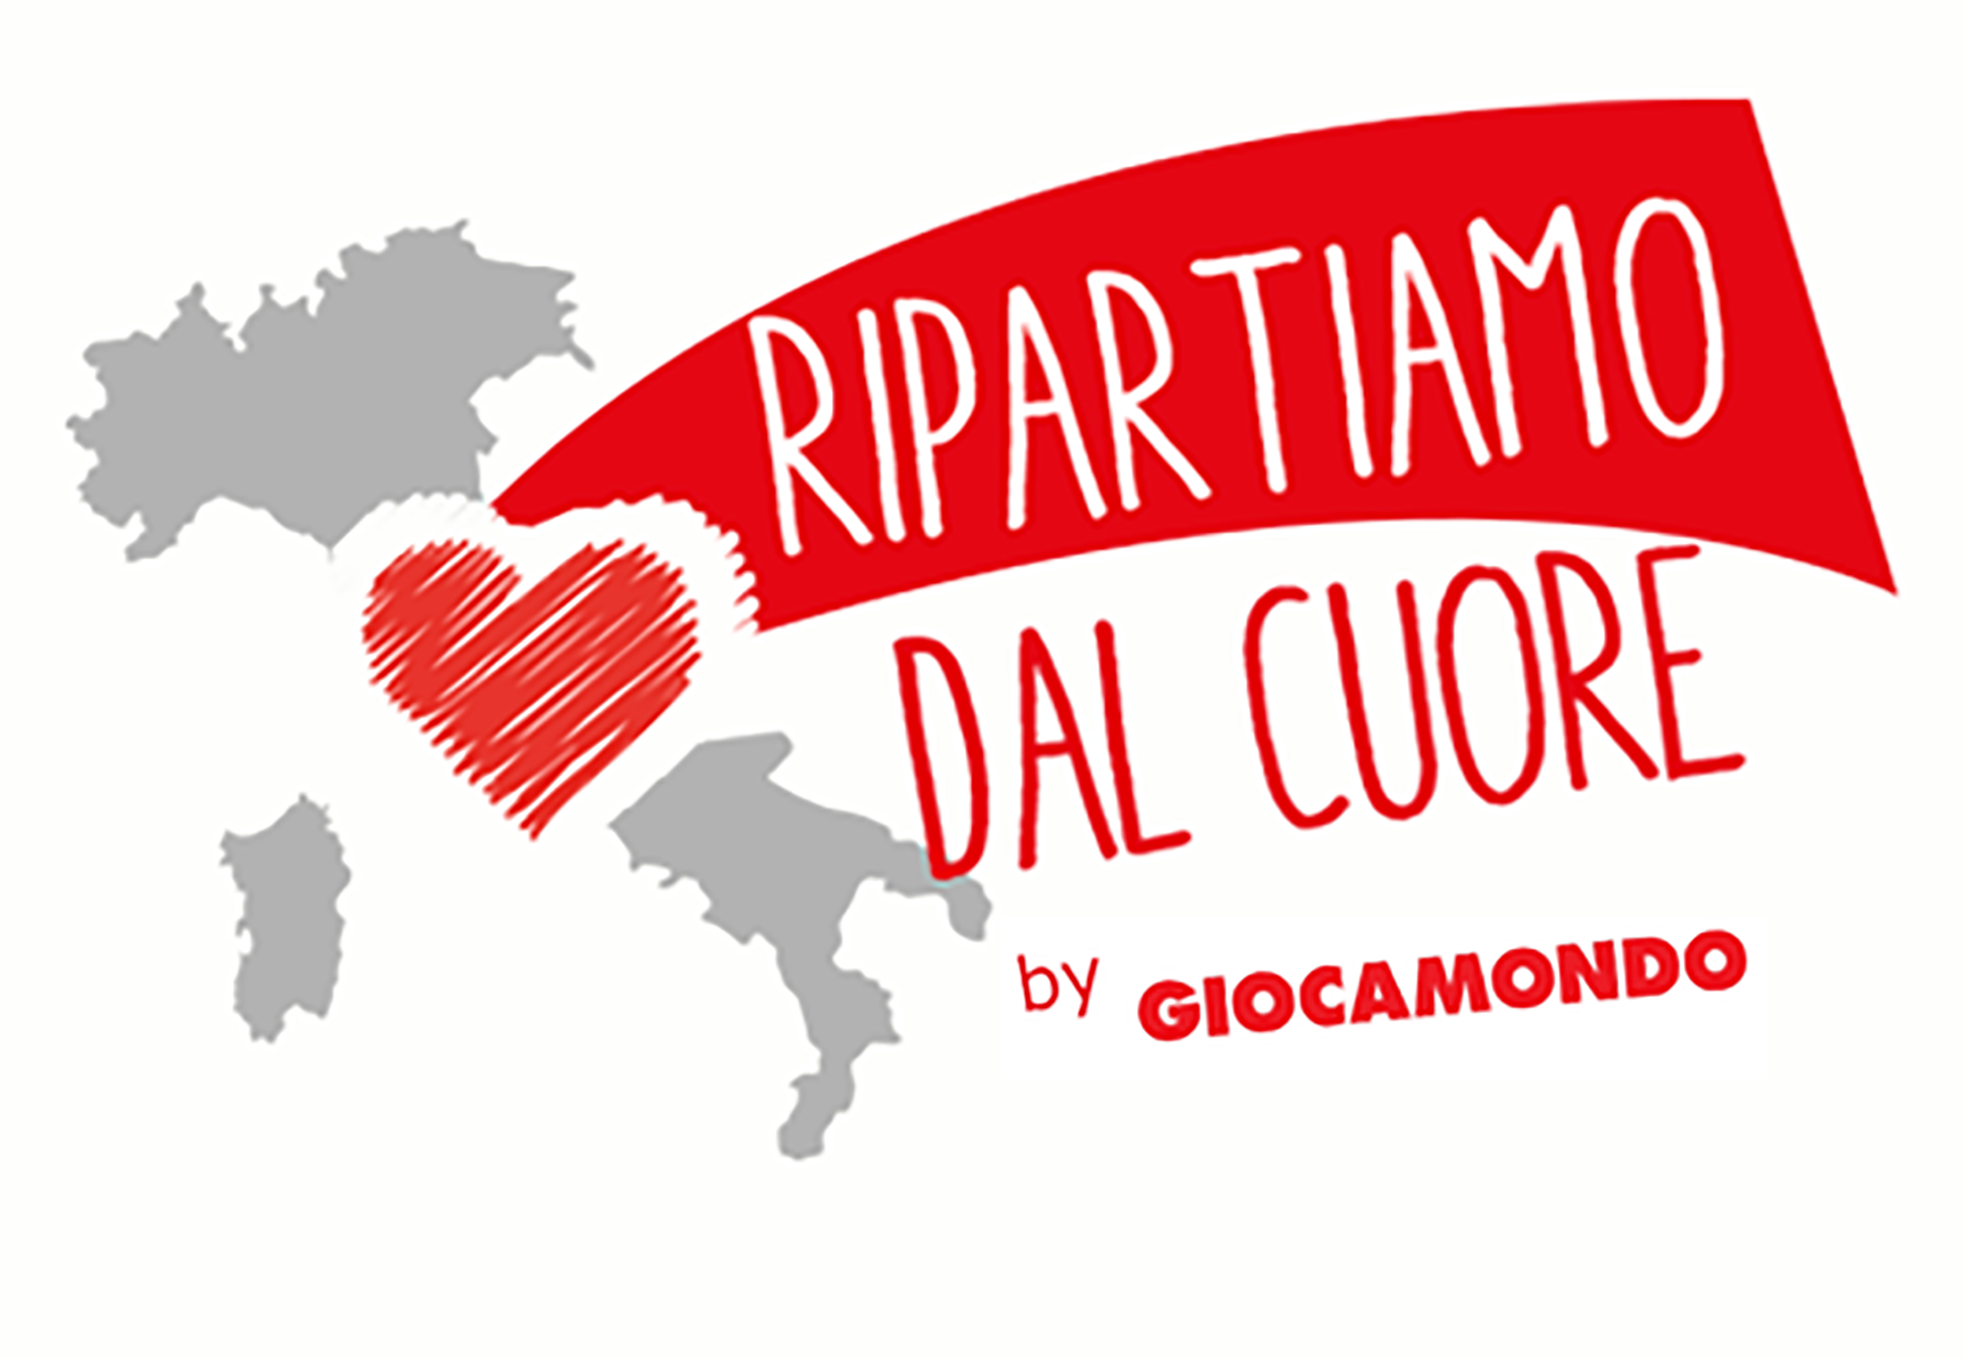 RIPARTIAMO DAL CUORE - Giocamondo Study-RIPARTIAMO-DAL-CUORE-by-giocamondo